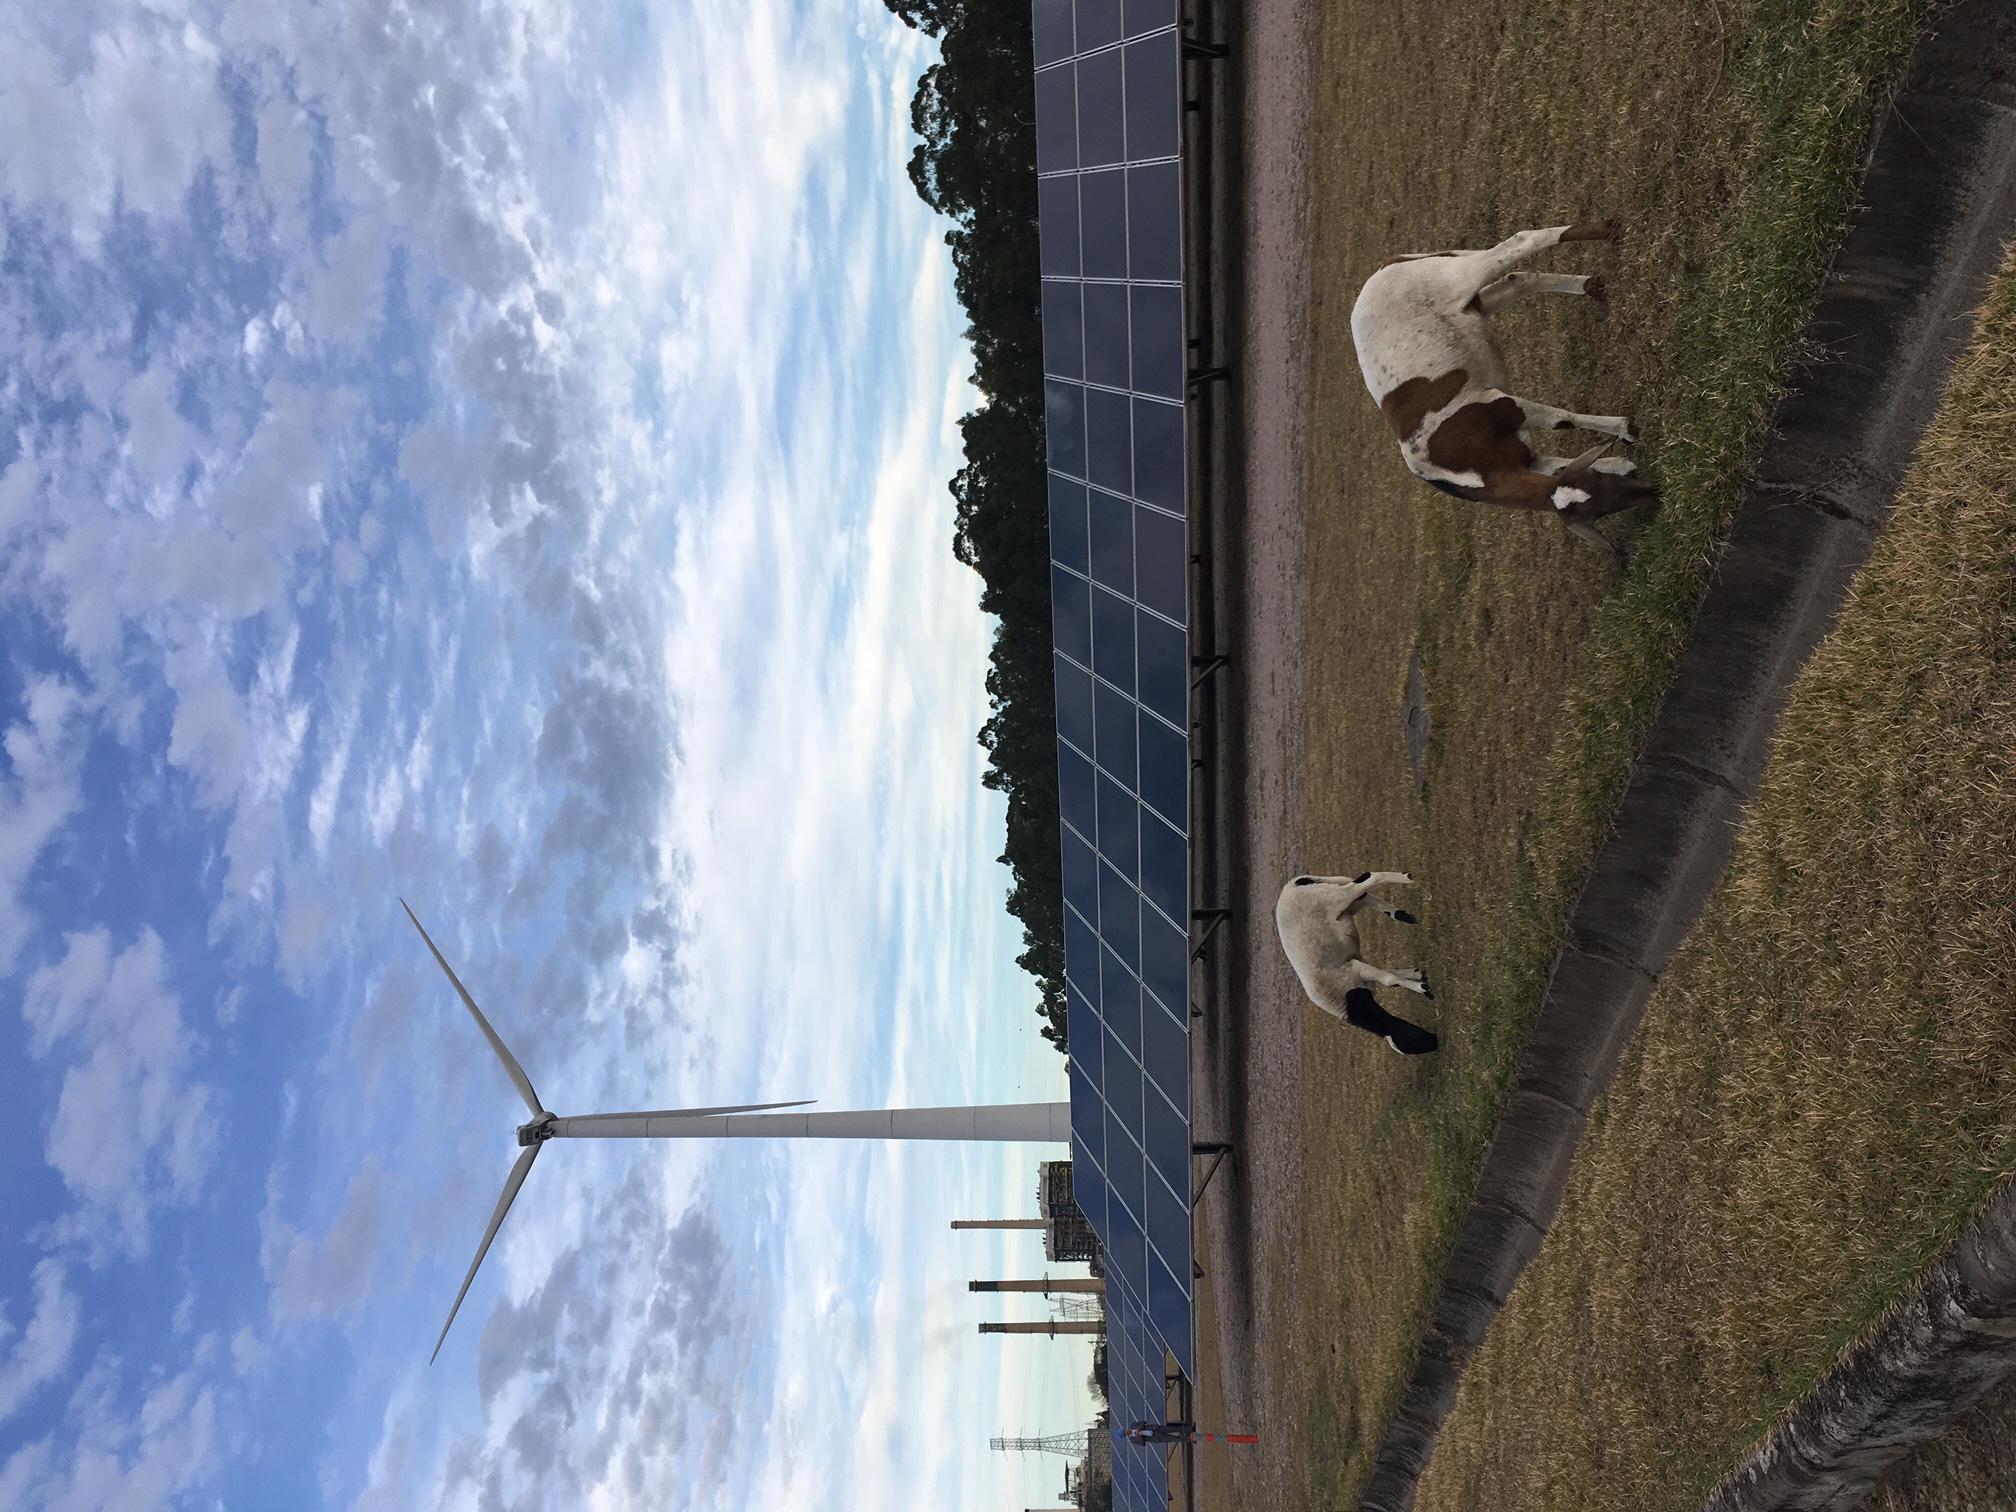 A Engie Brasil Energia investe em projetos de P&D (Pesquisa e Desenvolvimento) de energia solar e eólica – Foto: Duda Hamilton/Divulgação/ND